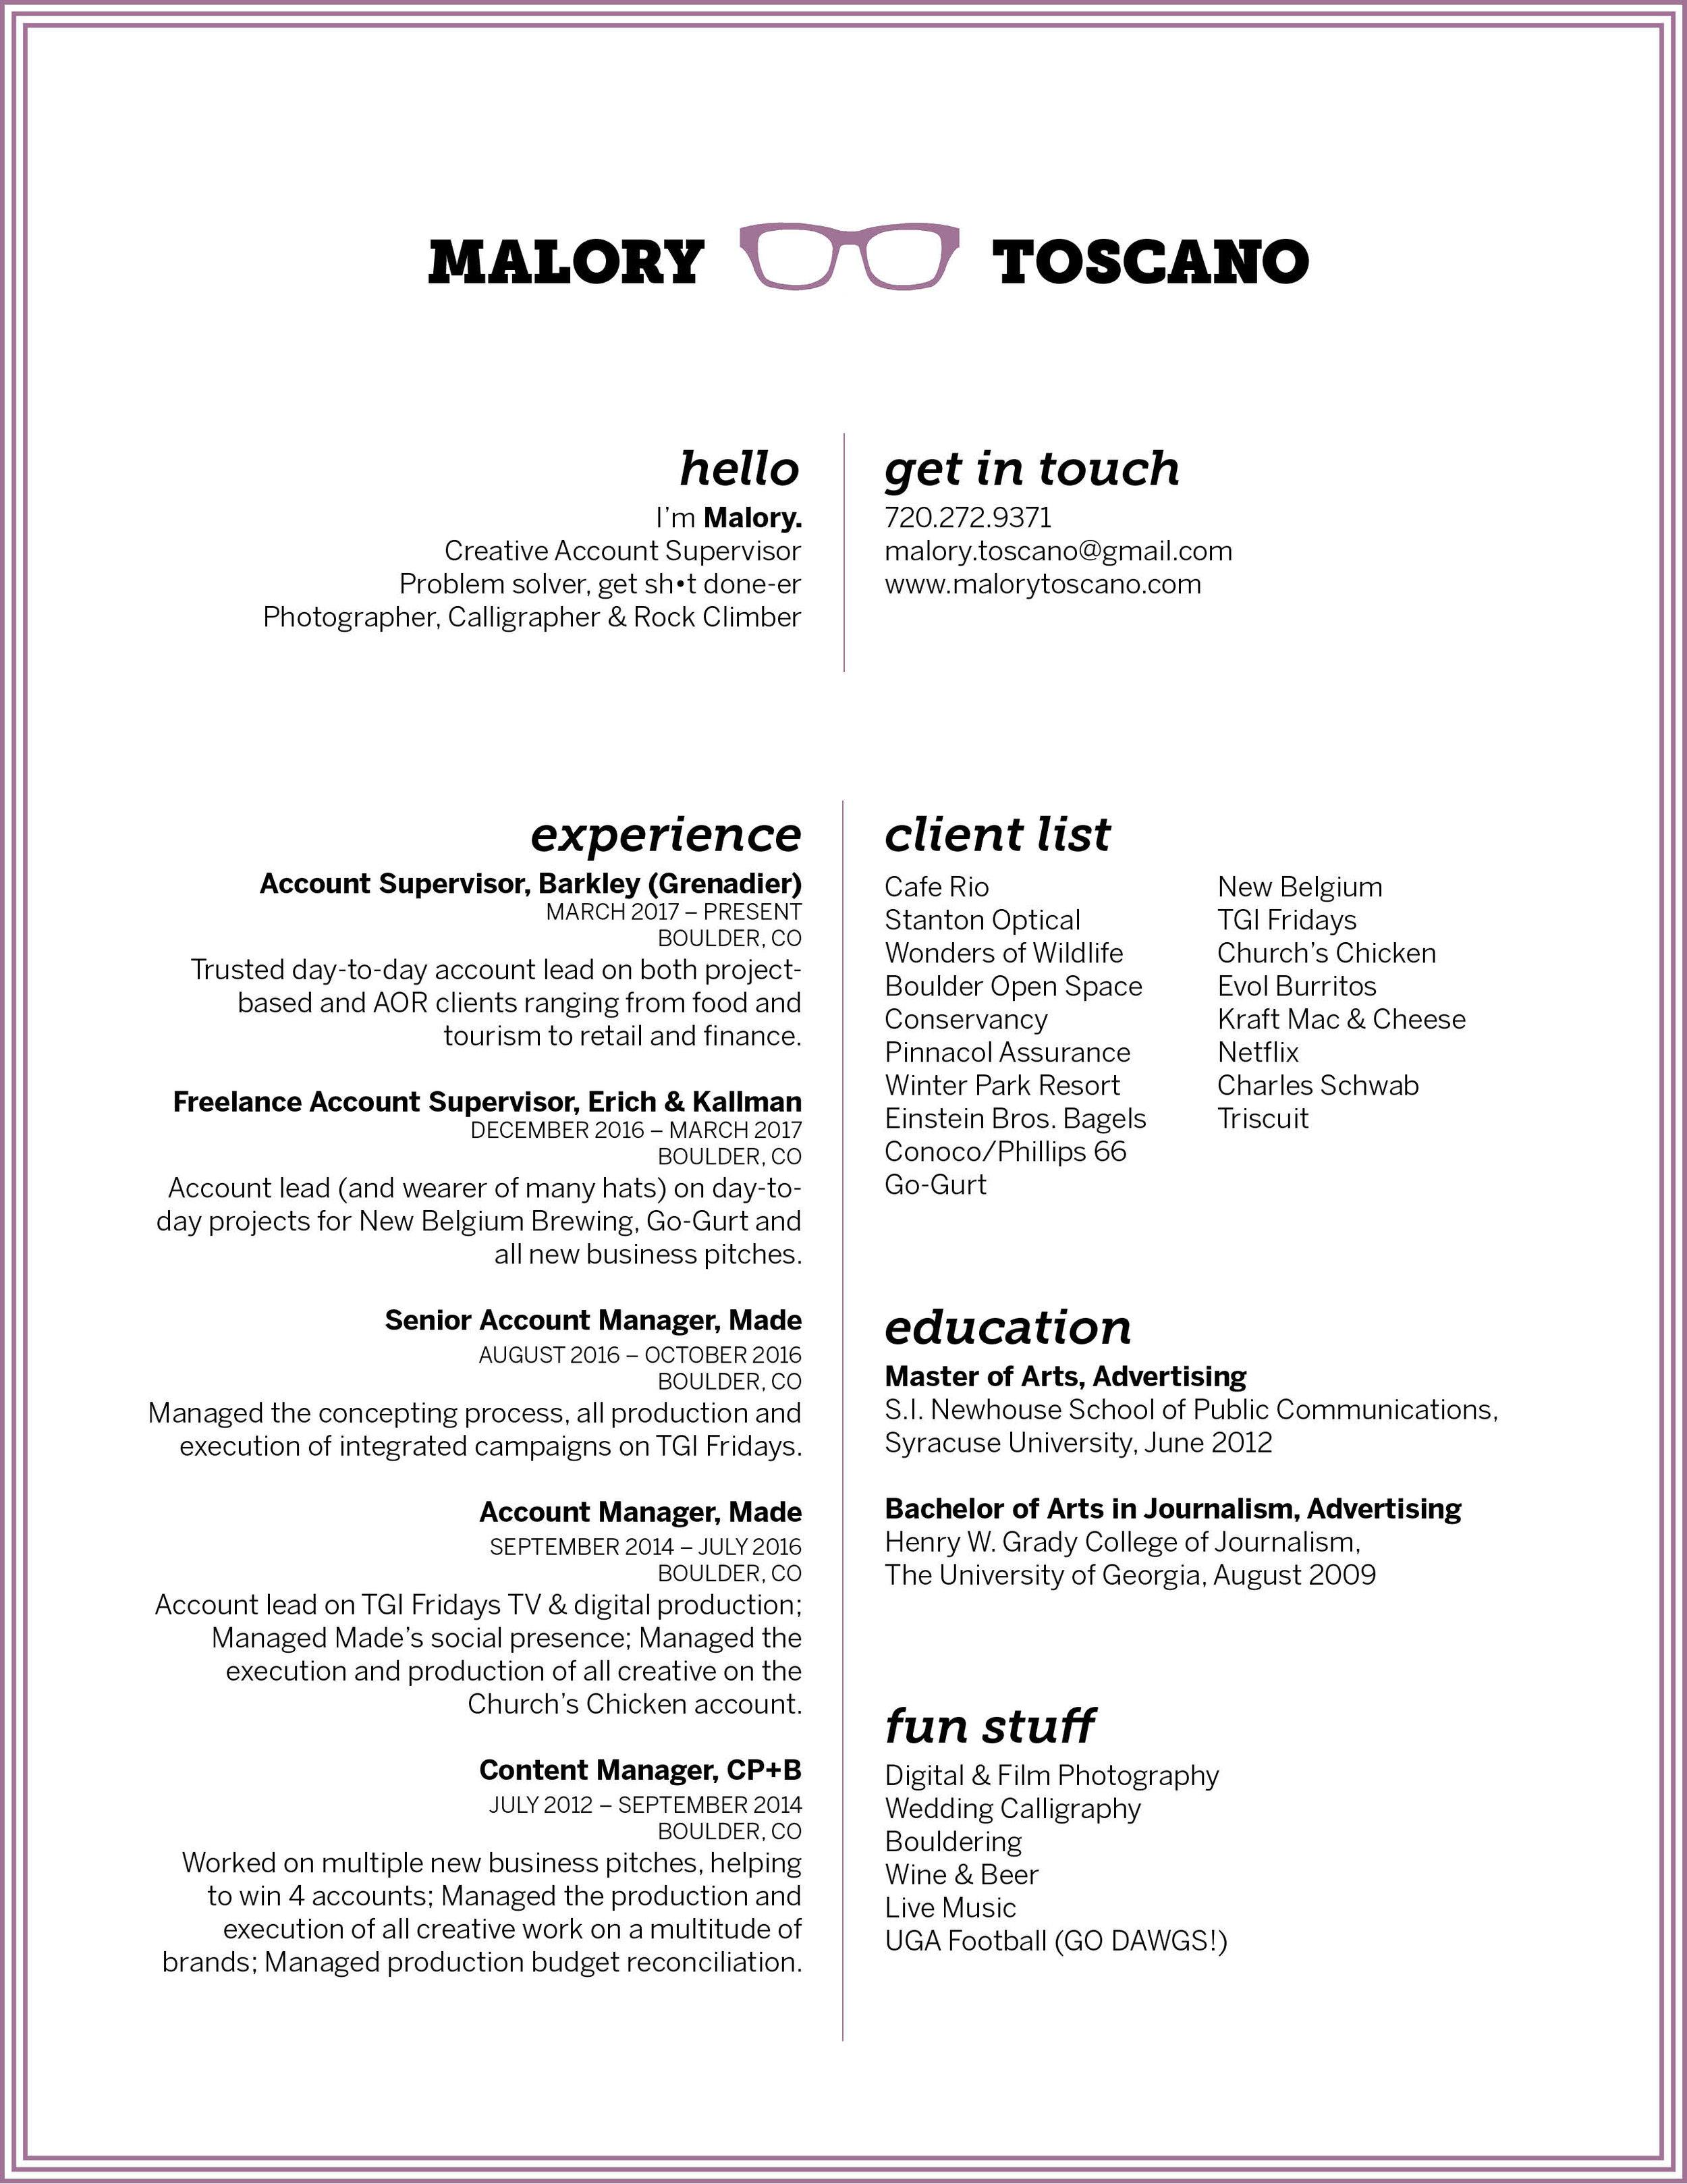 MaloryToscano_Resume_072418.jpg